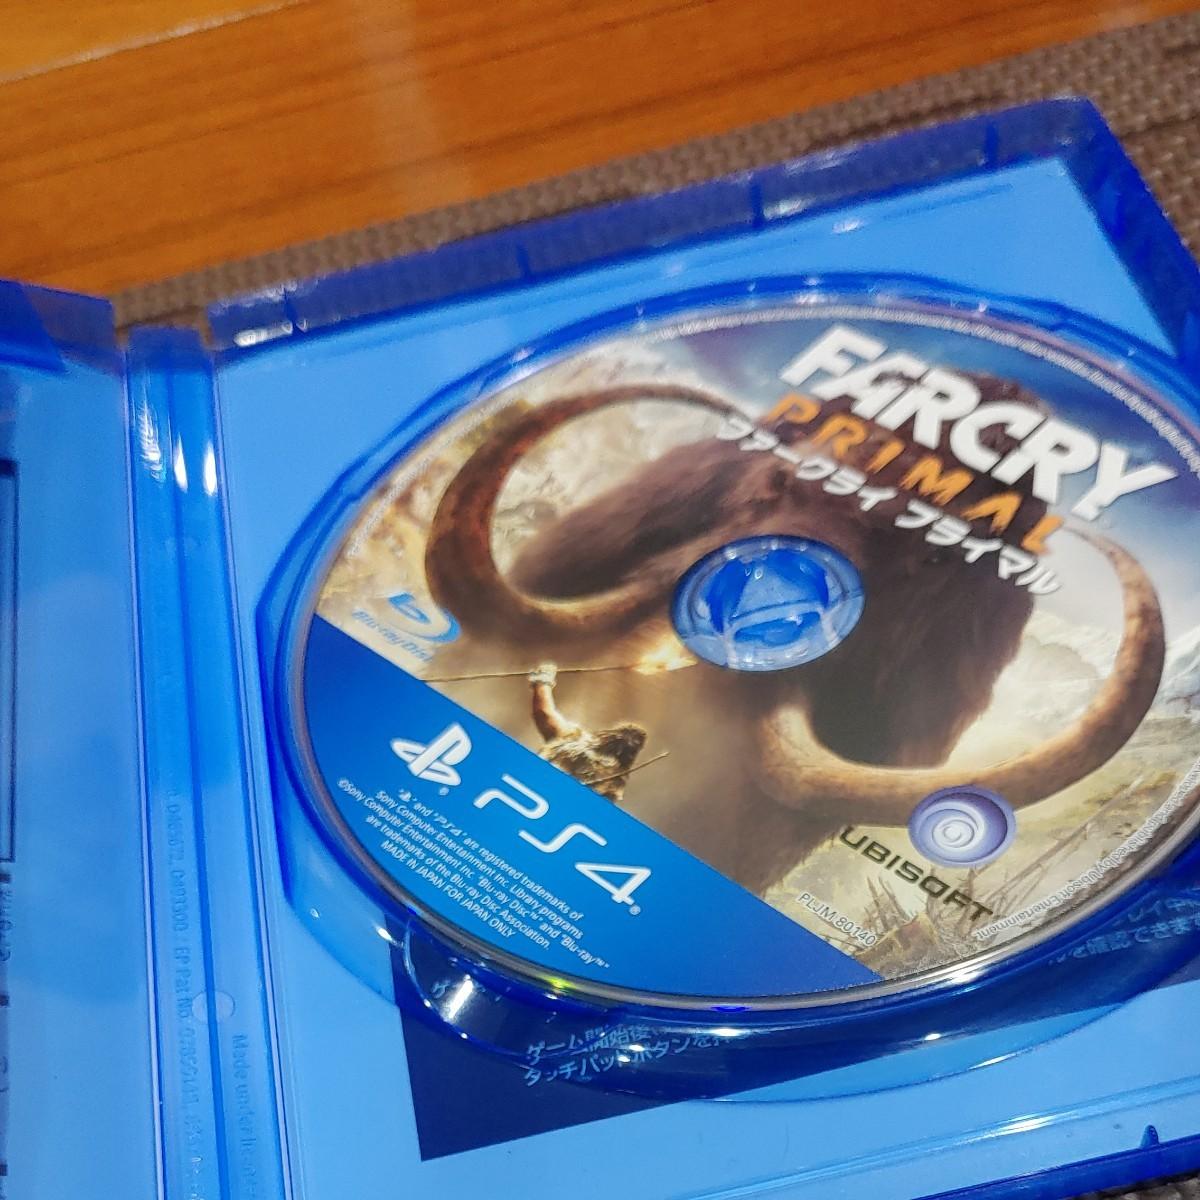 ファークライプライマル  PS4